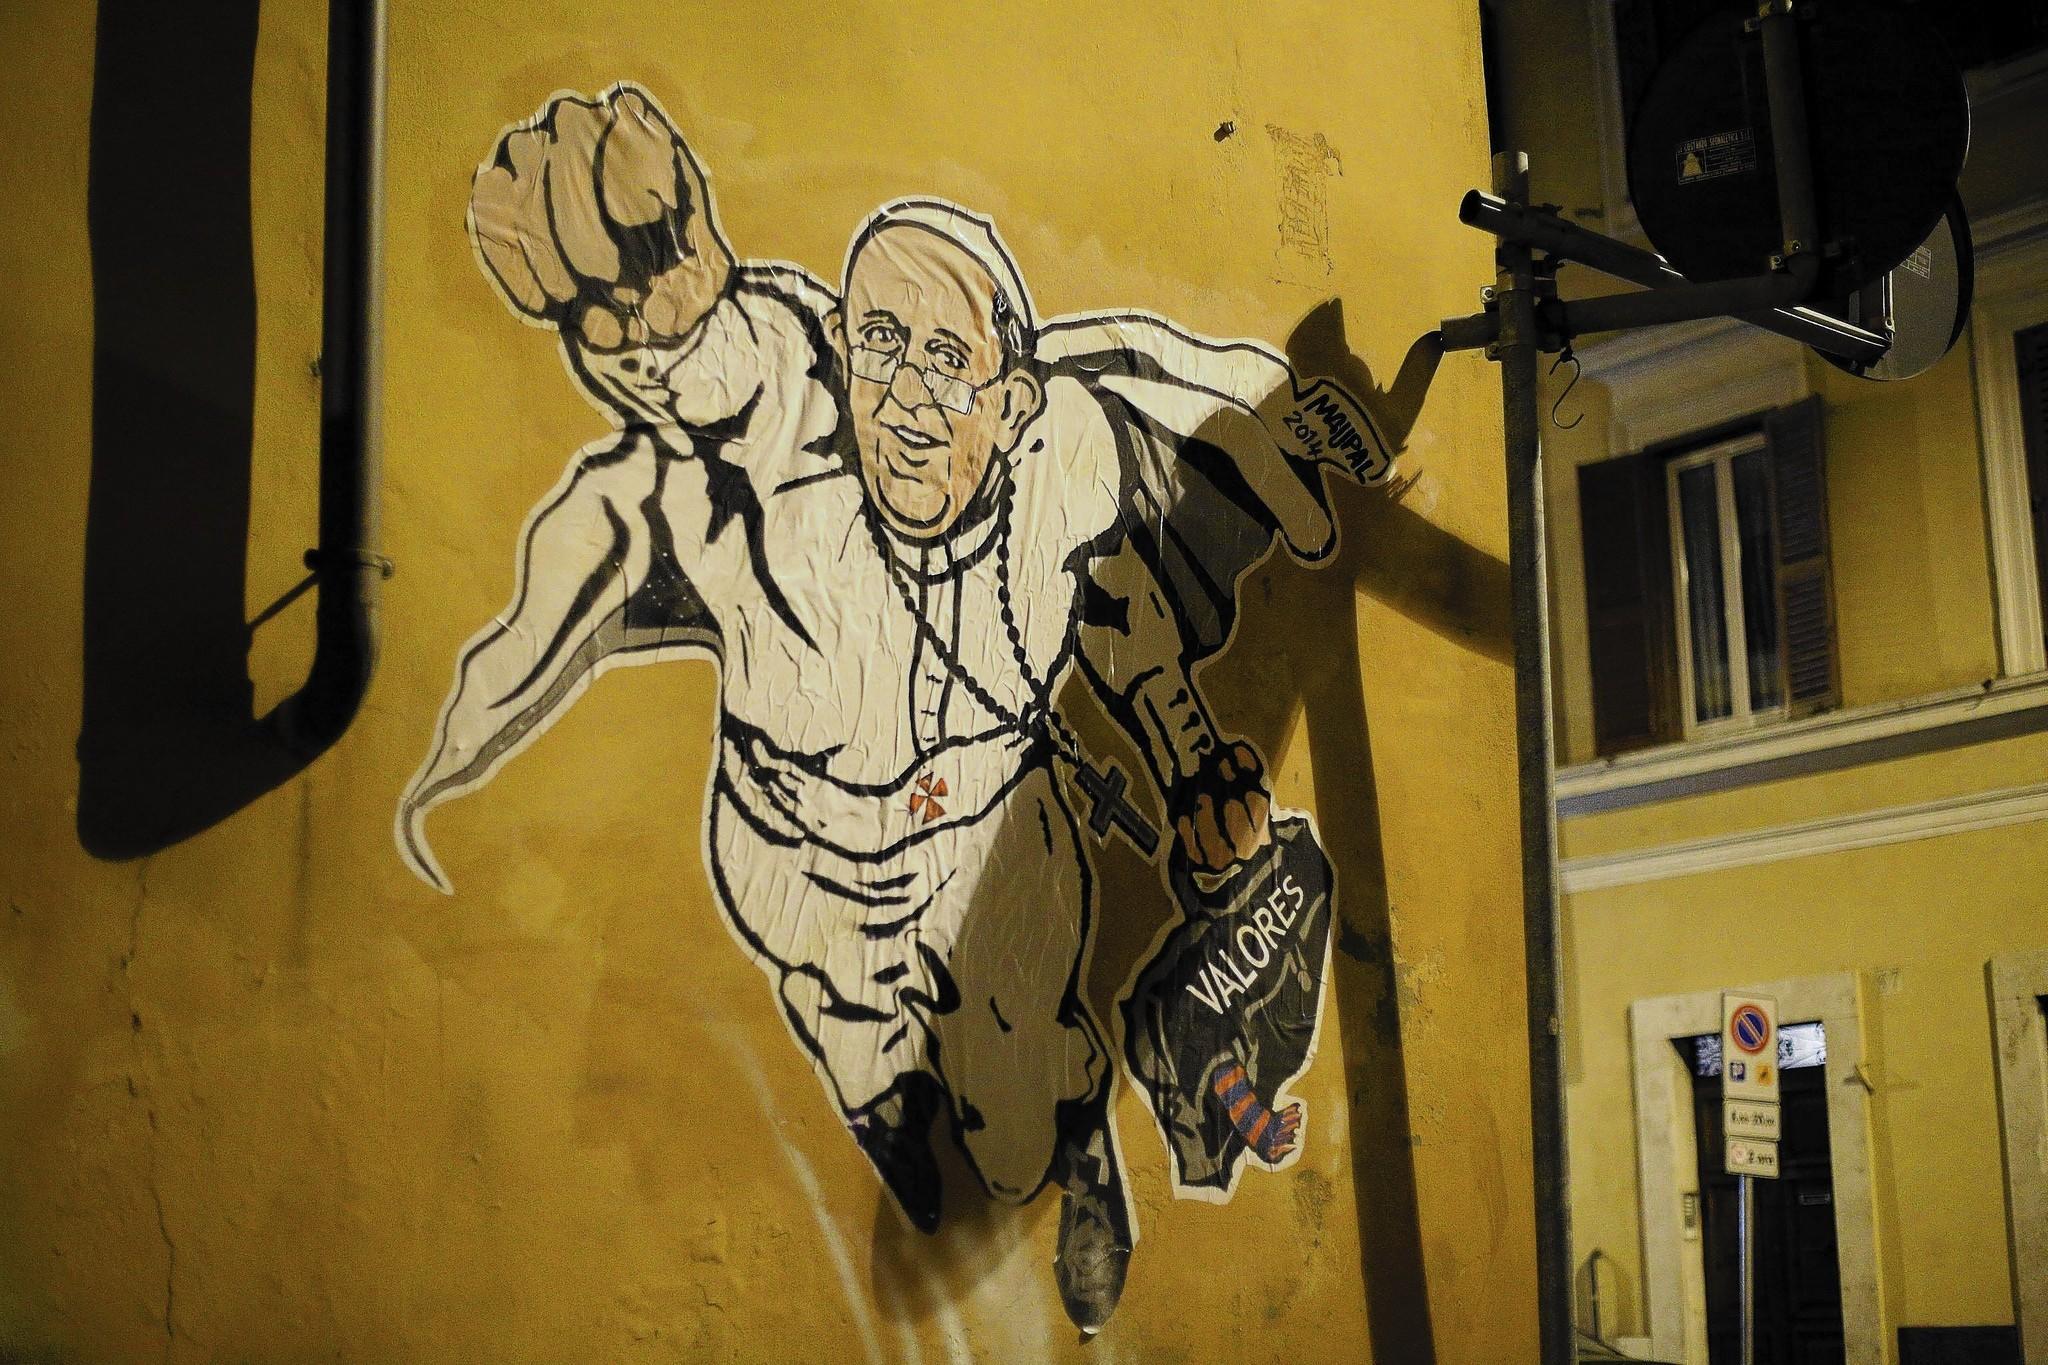 """Vista de un grafiti en el que aparece el papa Francisco representado con estética de superhéroe, hoy martes 28 de enero de 2014, en Roma, Italia. El papa aparece volando, como si de Superman se tratase, ataviado con la sotana blanca, el solideo y los zapatos negros por los que optó nada más ser elegido pontífice en lugar de los rojos clásicos, que representan la sangre de Cristo. Bergoglio sostiene con la mano izquierda su ya clásico maletín negro, en el que aparece escrita en español la palabra """"valores"""" y del que emerge un calcetín a rayas rojas y azules, los colores de San Lorenzo de Almagro, el equipo del que el papa es seguidor."""